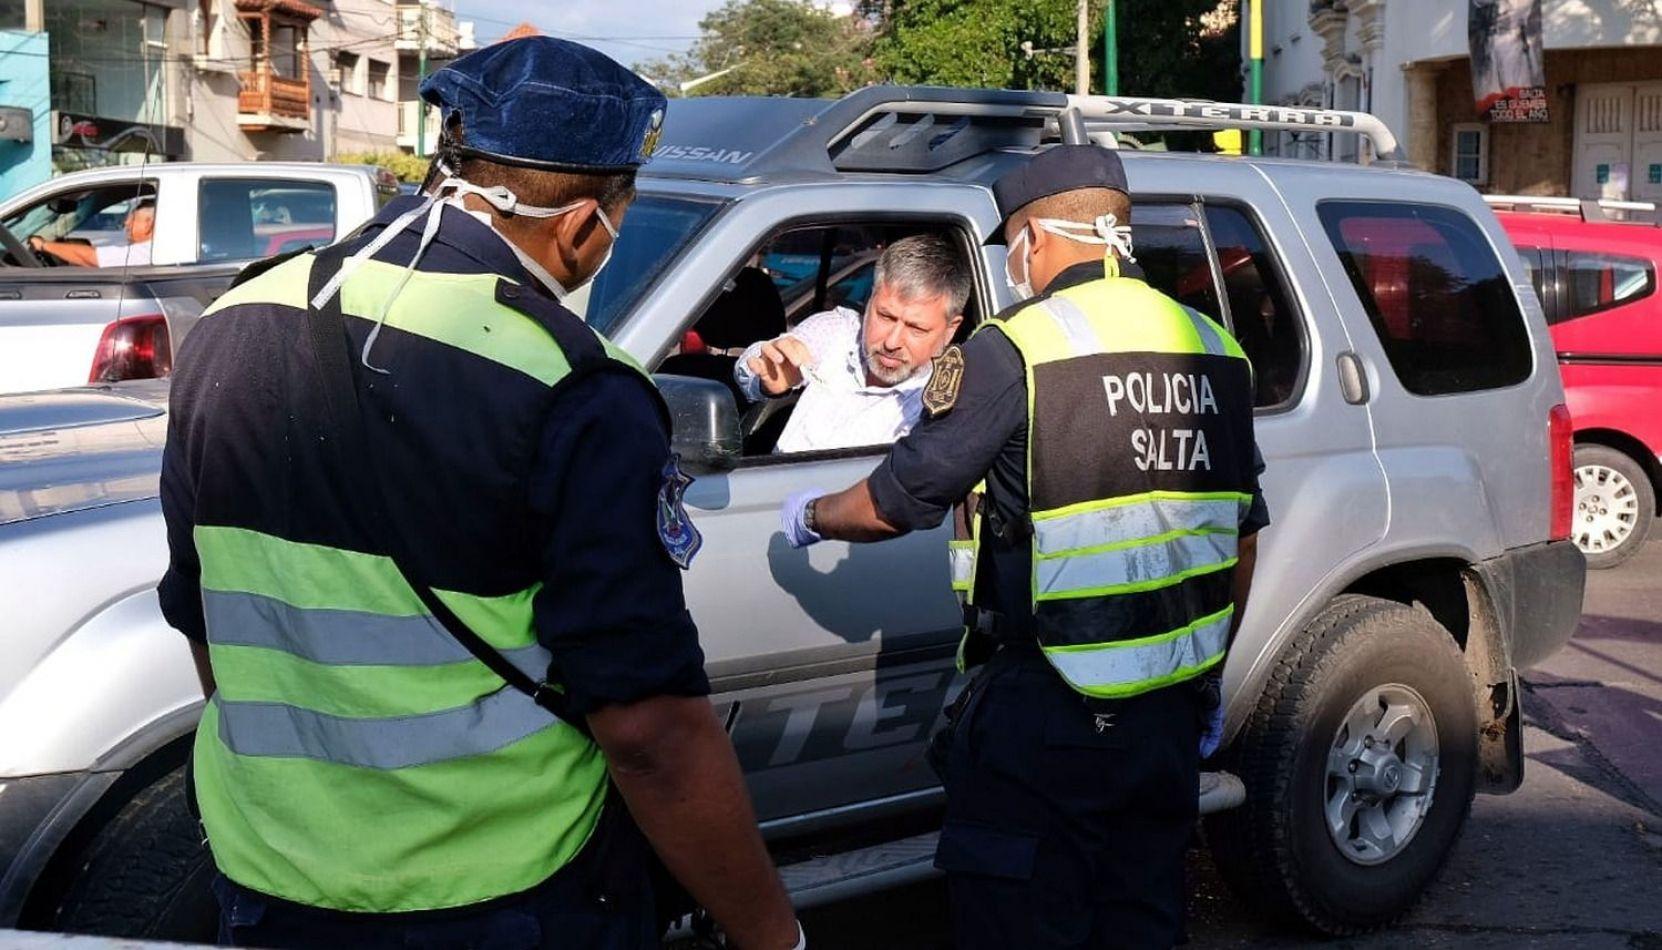 Volvieron los controles policiales en Salta: qué piden y dónde están ubicados